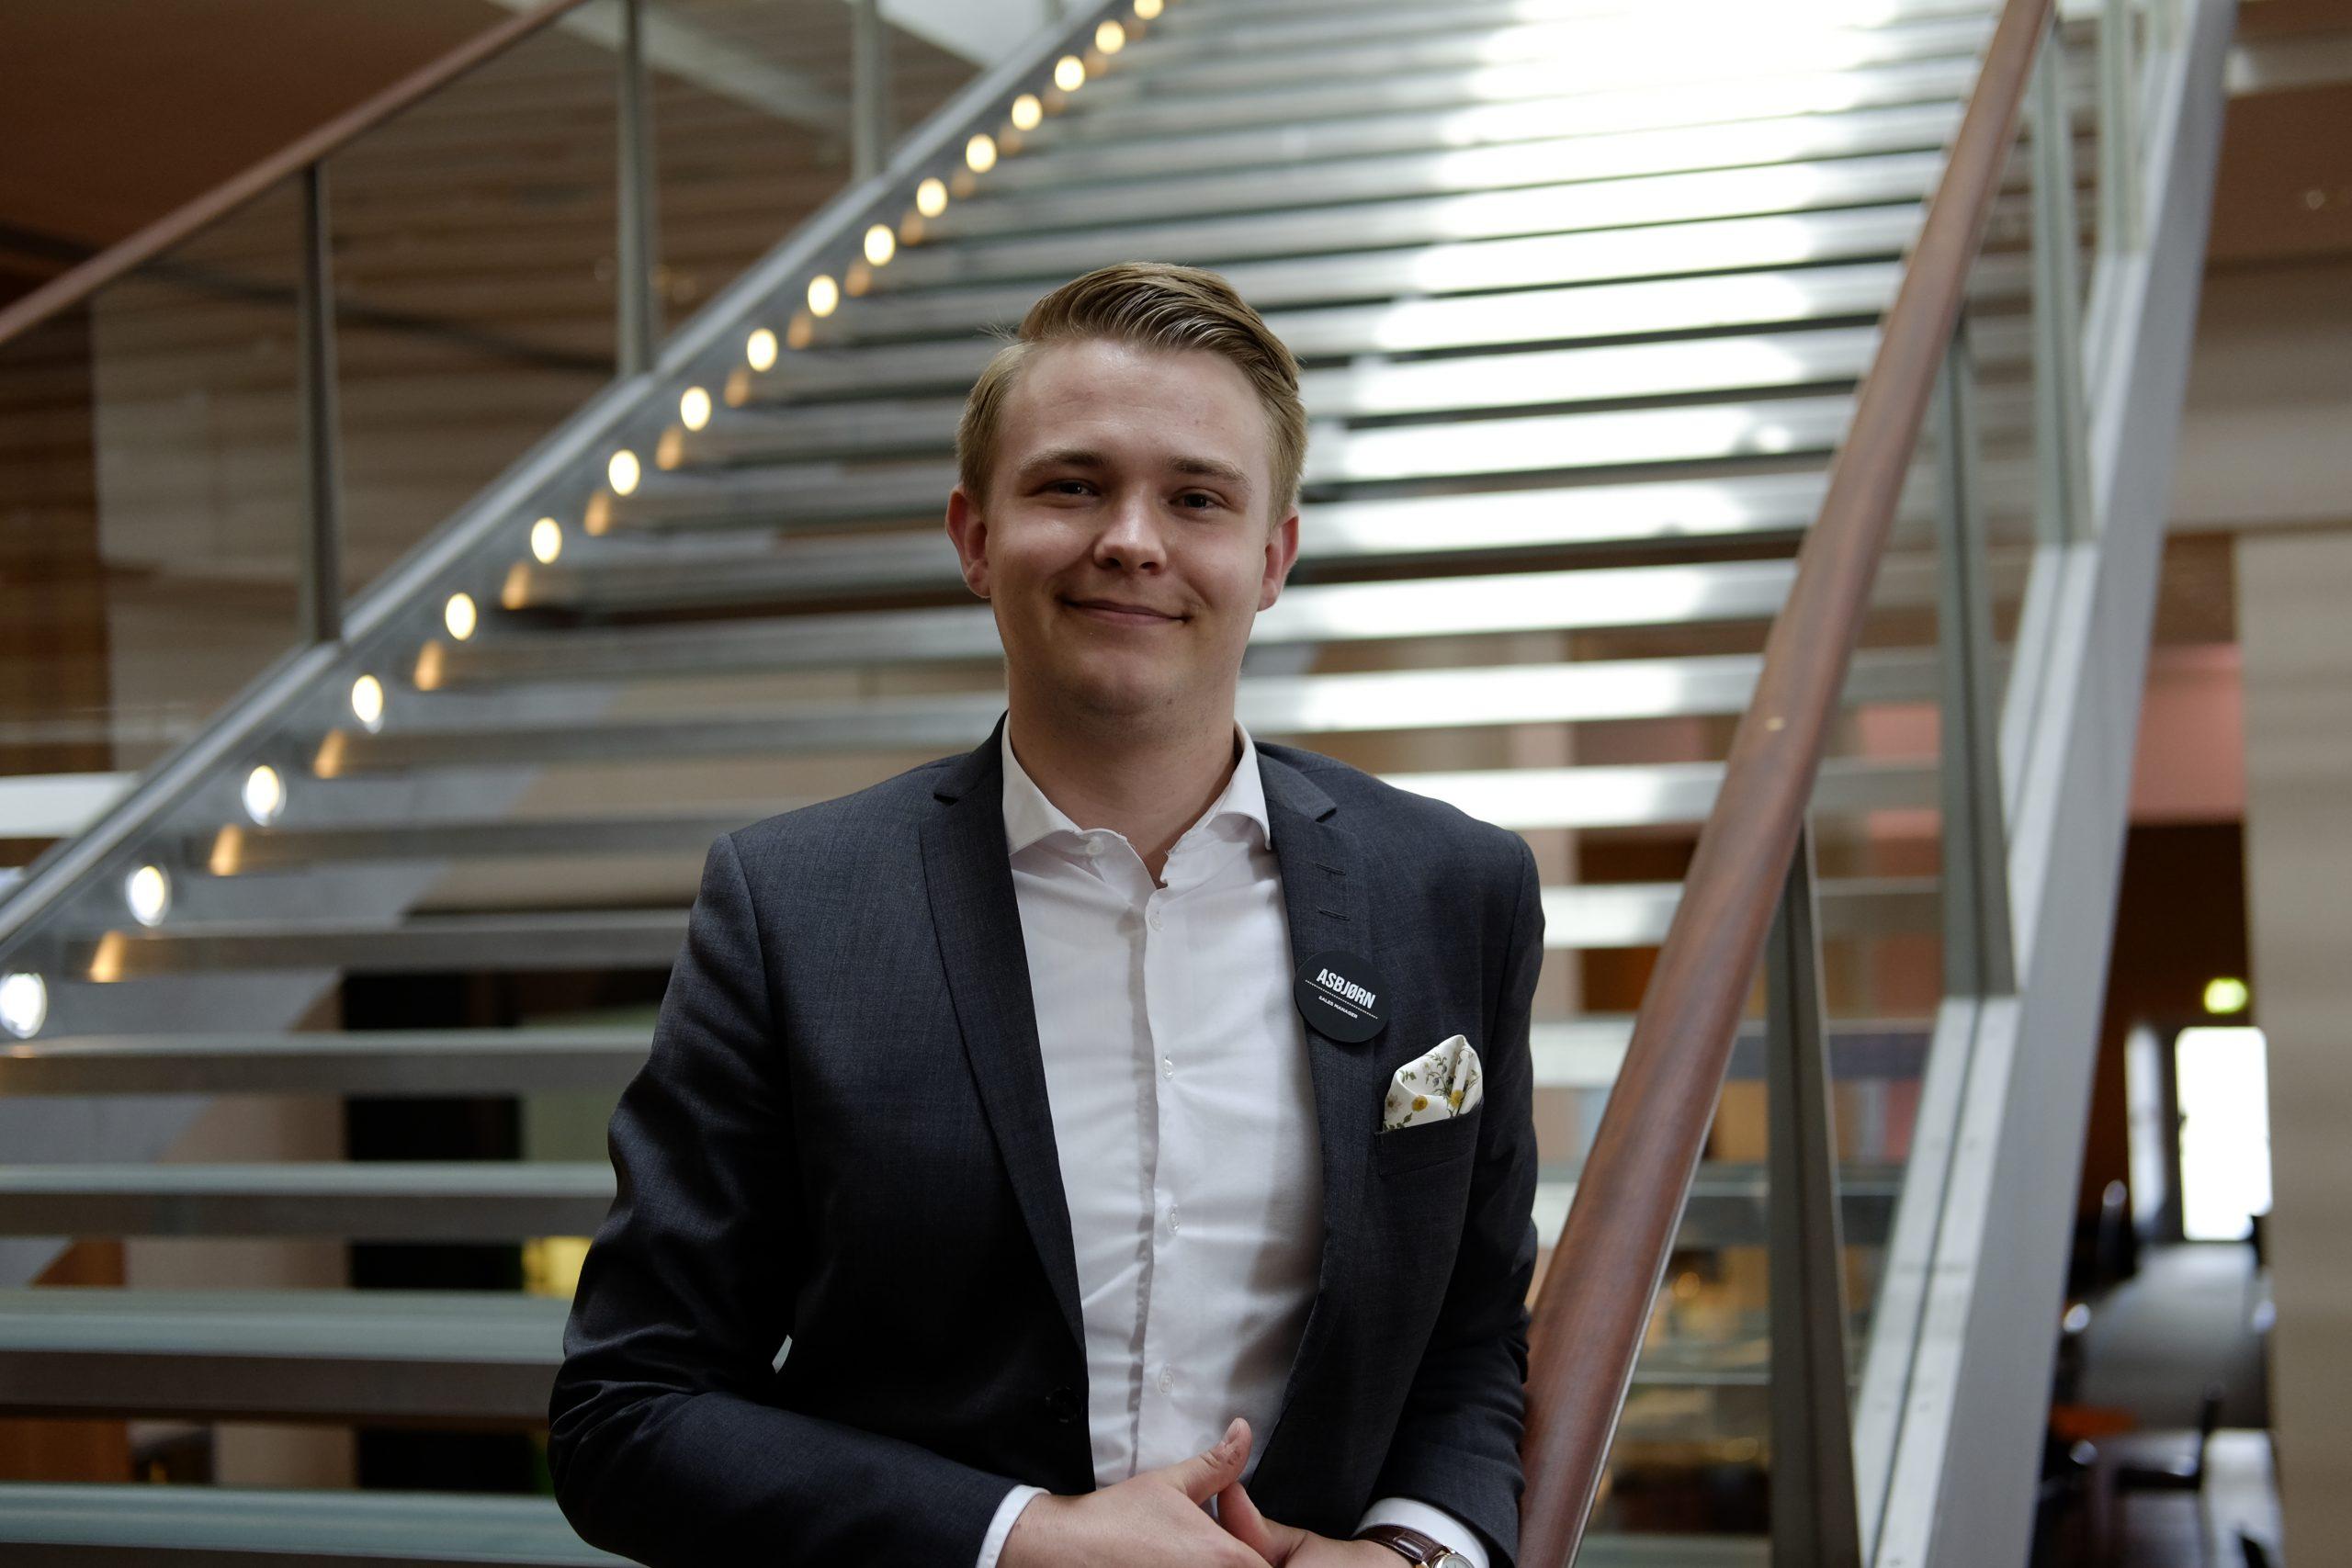 27-årige Asbjørn Rytter er salgschef på Clarion-hotellet i Københavns Lufthavn, mens han samtidig tager uddannelse i ledelse på Copenhagen Business Academy og er aktiv i netværksgruppen Danish Young Hospitality Professionals. Pressefoto: Clarion Hotel & Congress Copenhagen Airport.